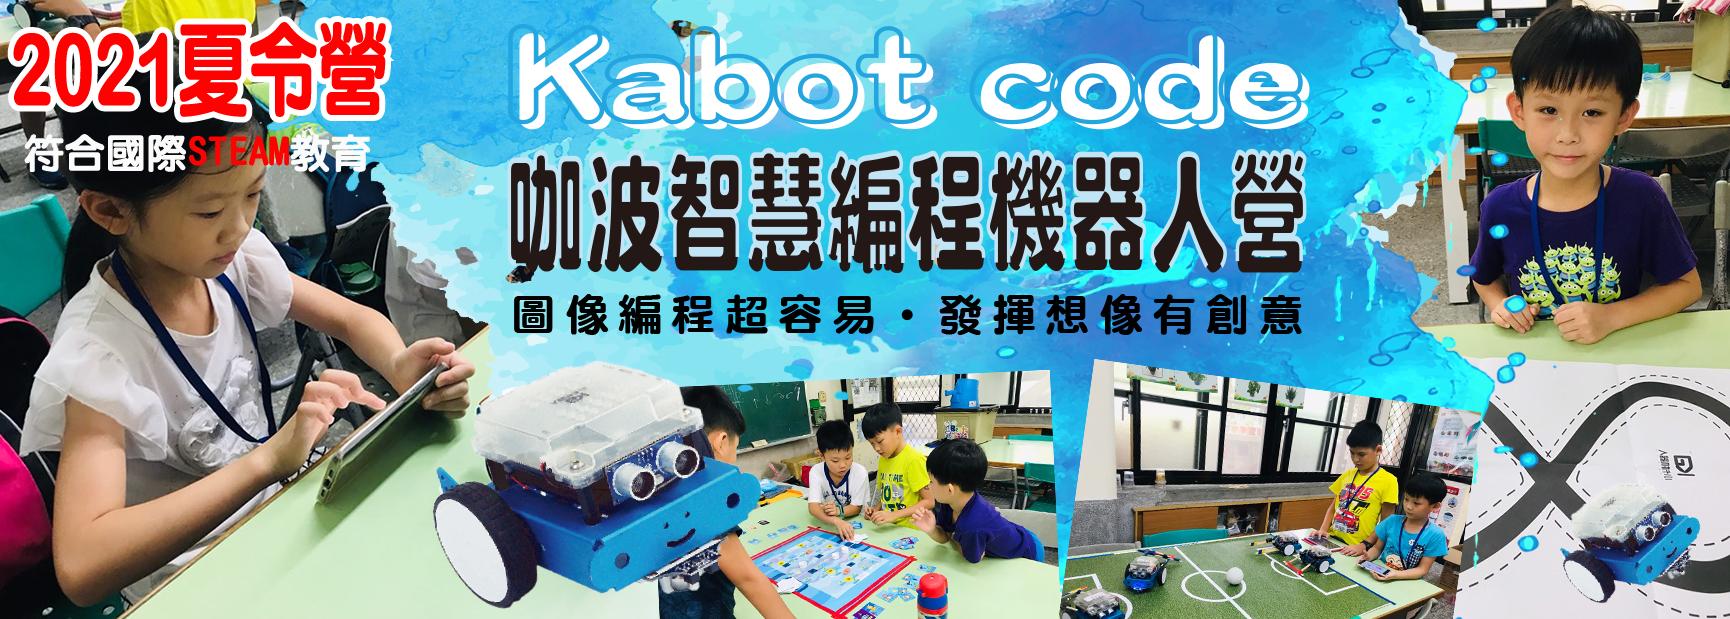 Kabot code咖波智慧編程機器人夏令營